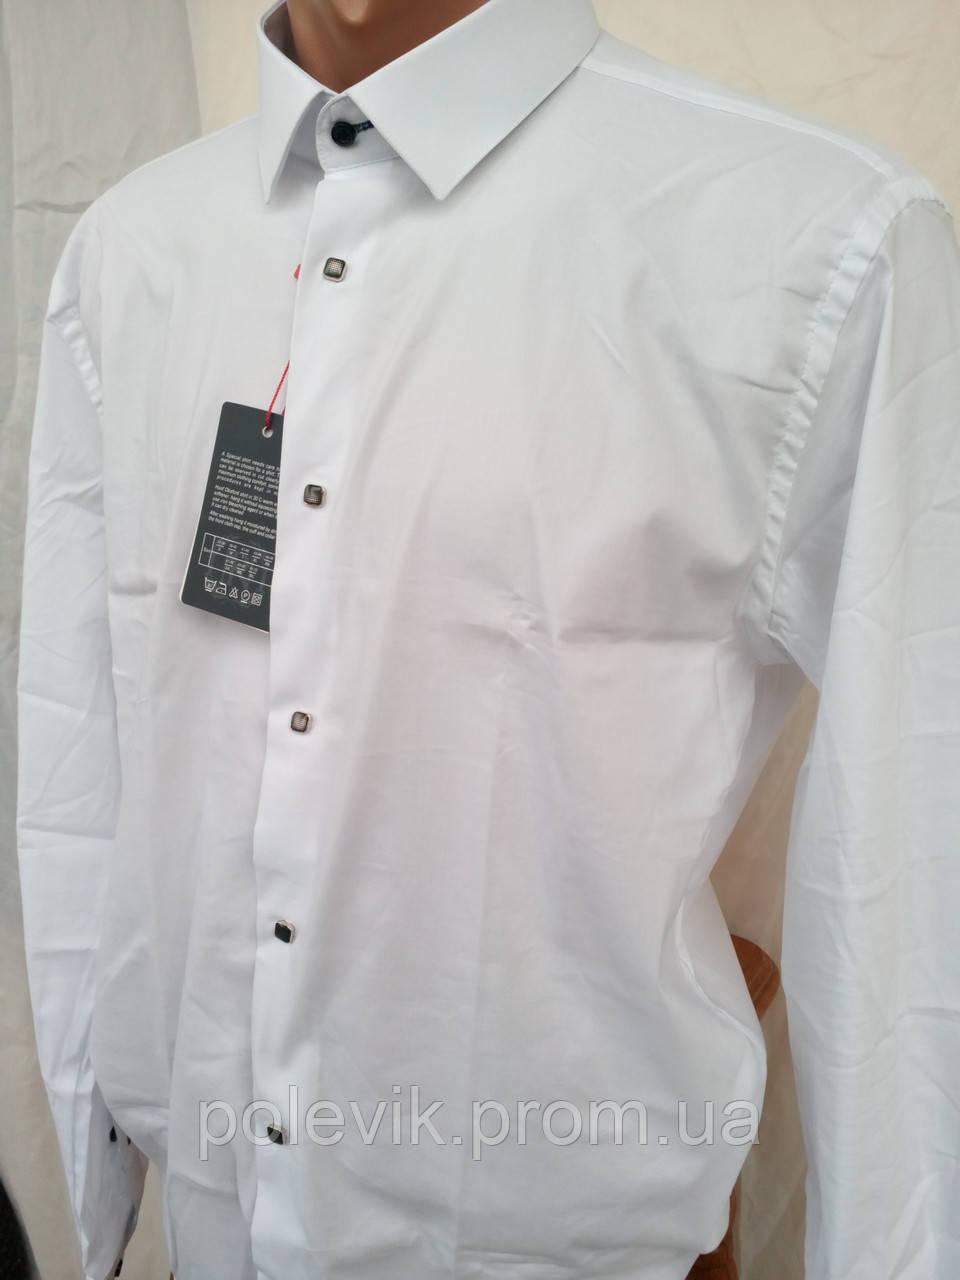 1cbdff1d396 Белая Хлопковая Рубашка Nino Pacoli Premium — в Категории